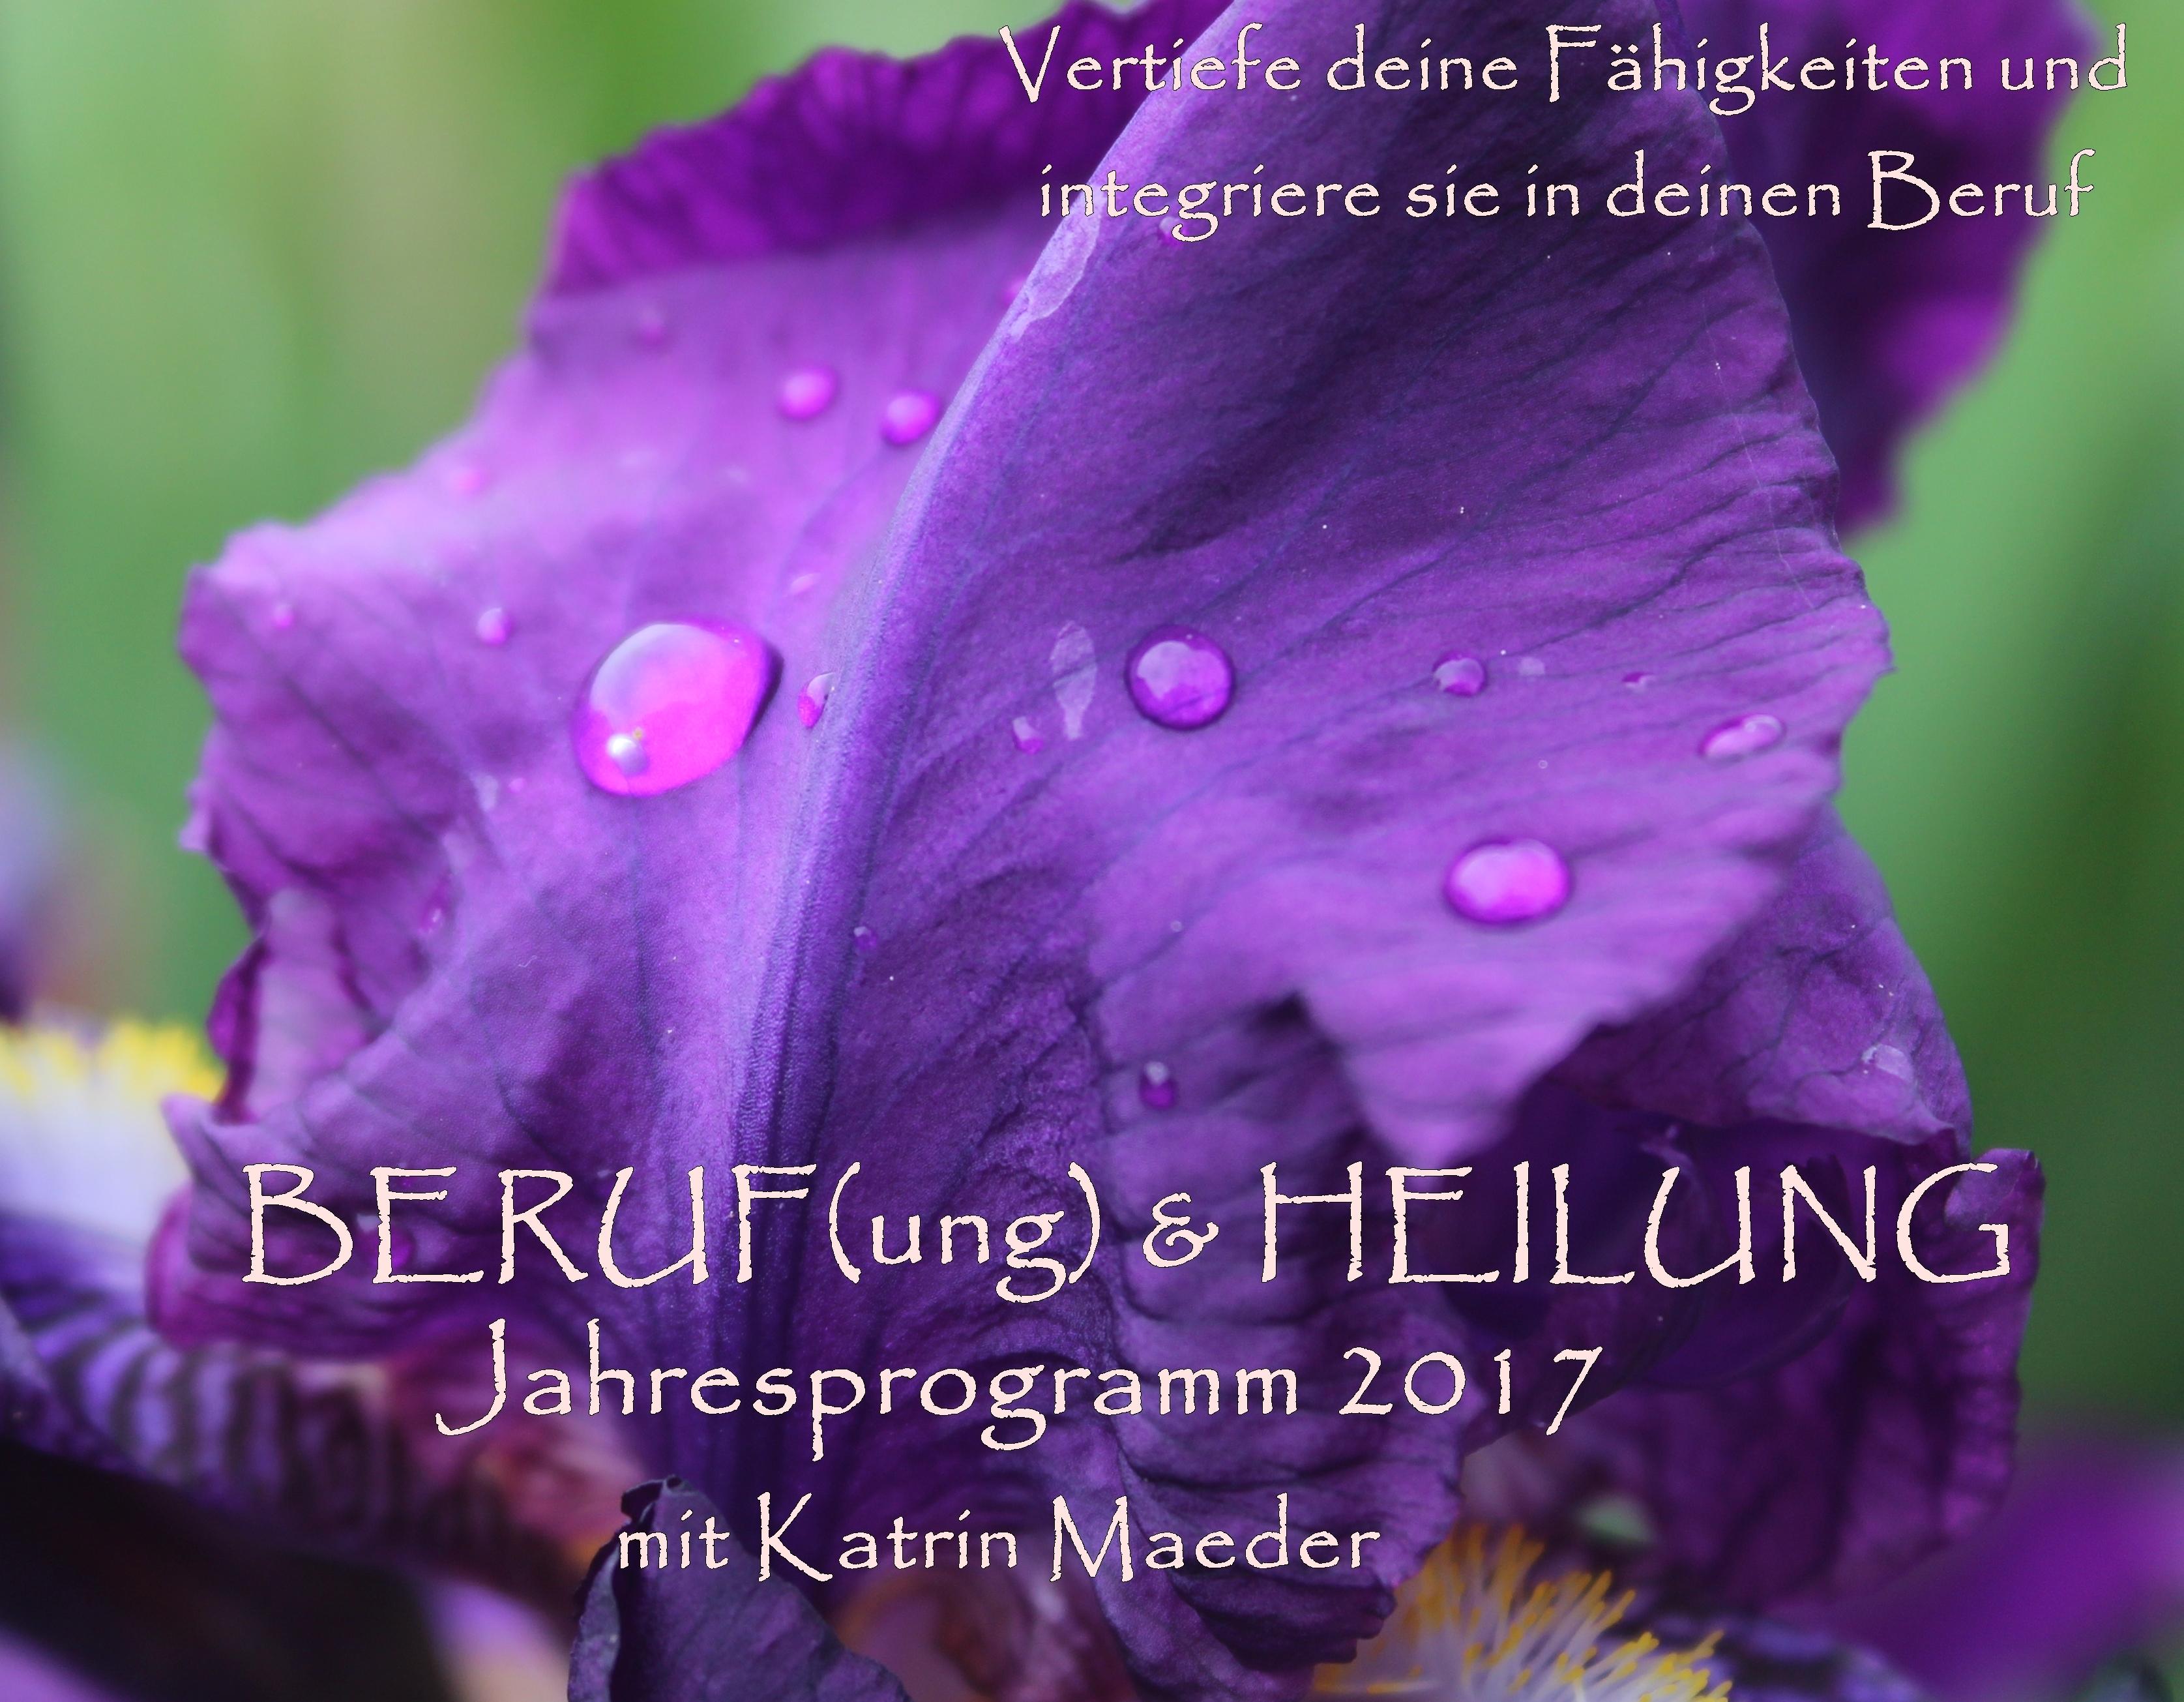 Foto + Text Beruf(ung) & Heilung 2